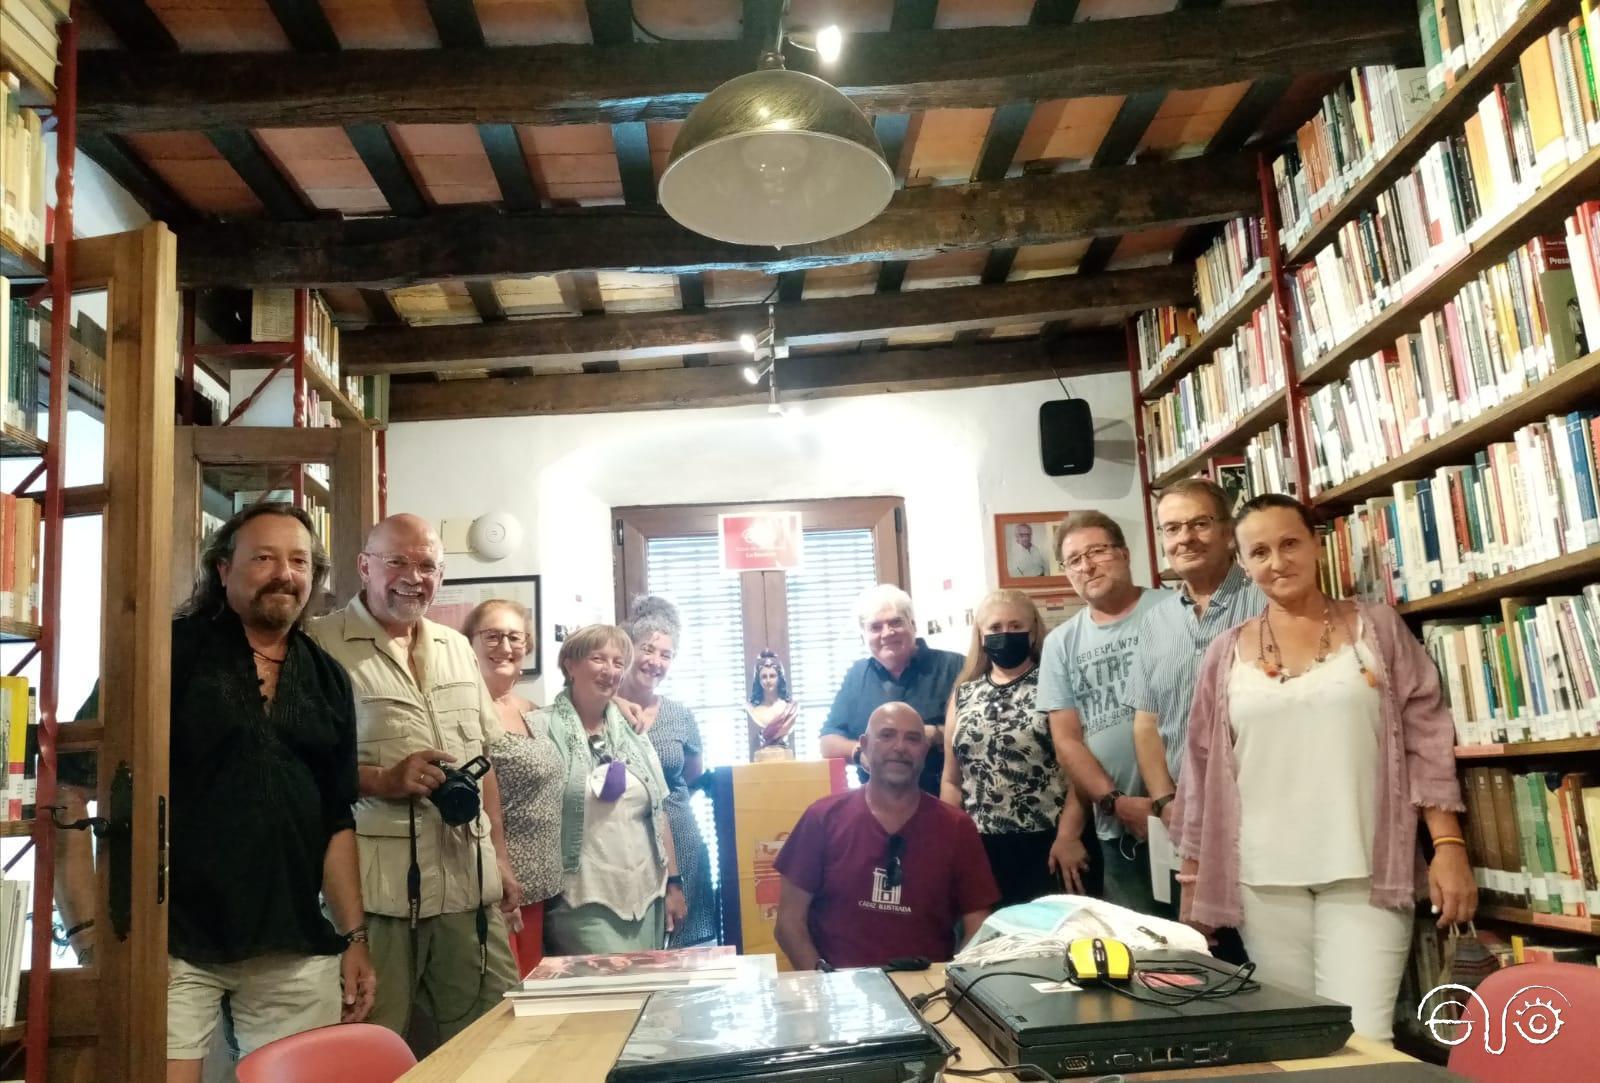 El grupo poético, en la biblioteca, con Andrés Rebolledo.